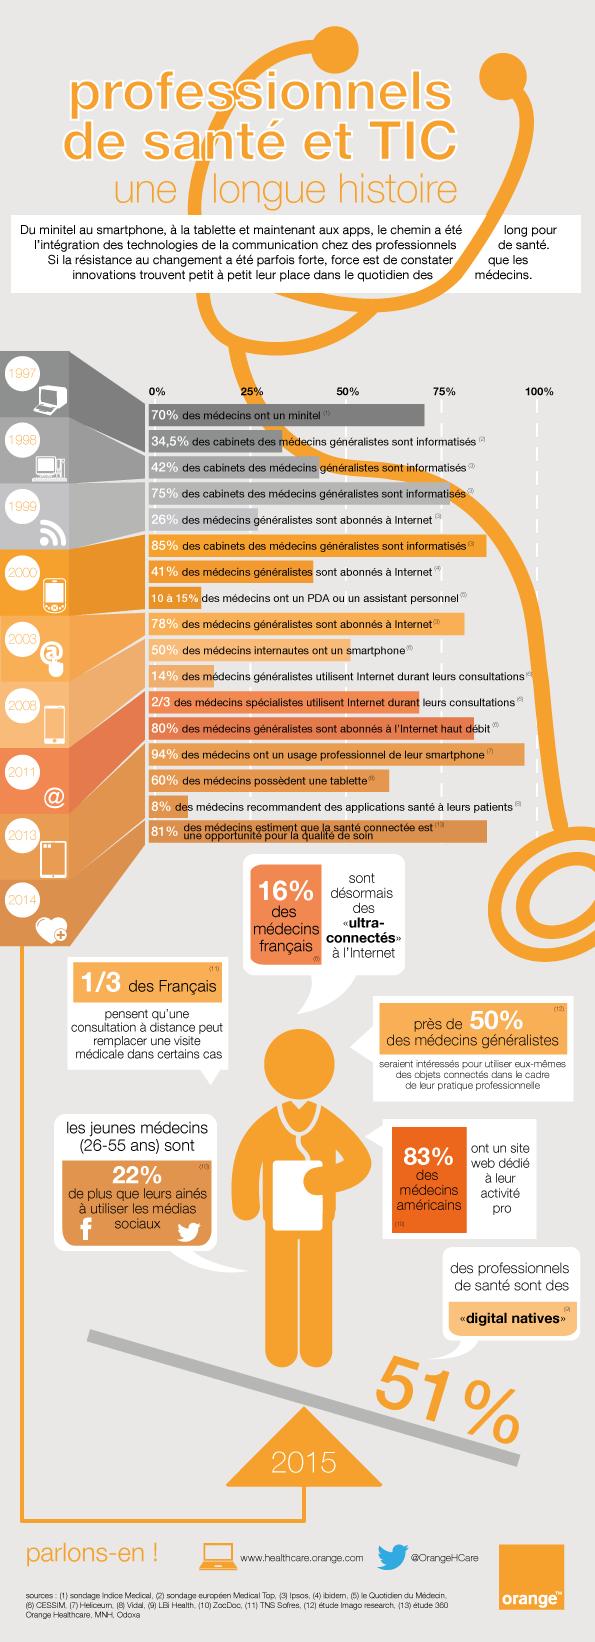 infographie---professionnels-de-santé-et-informatique-FR.png